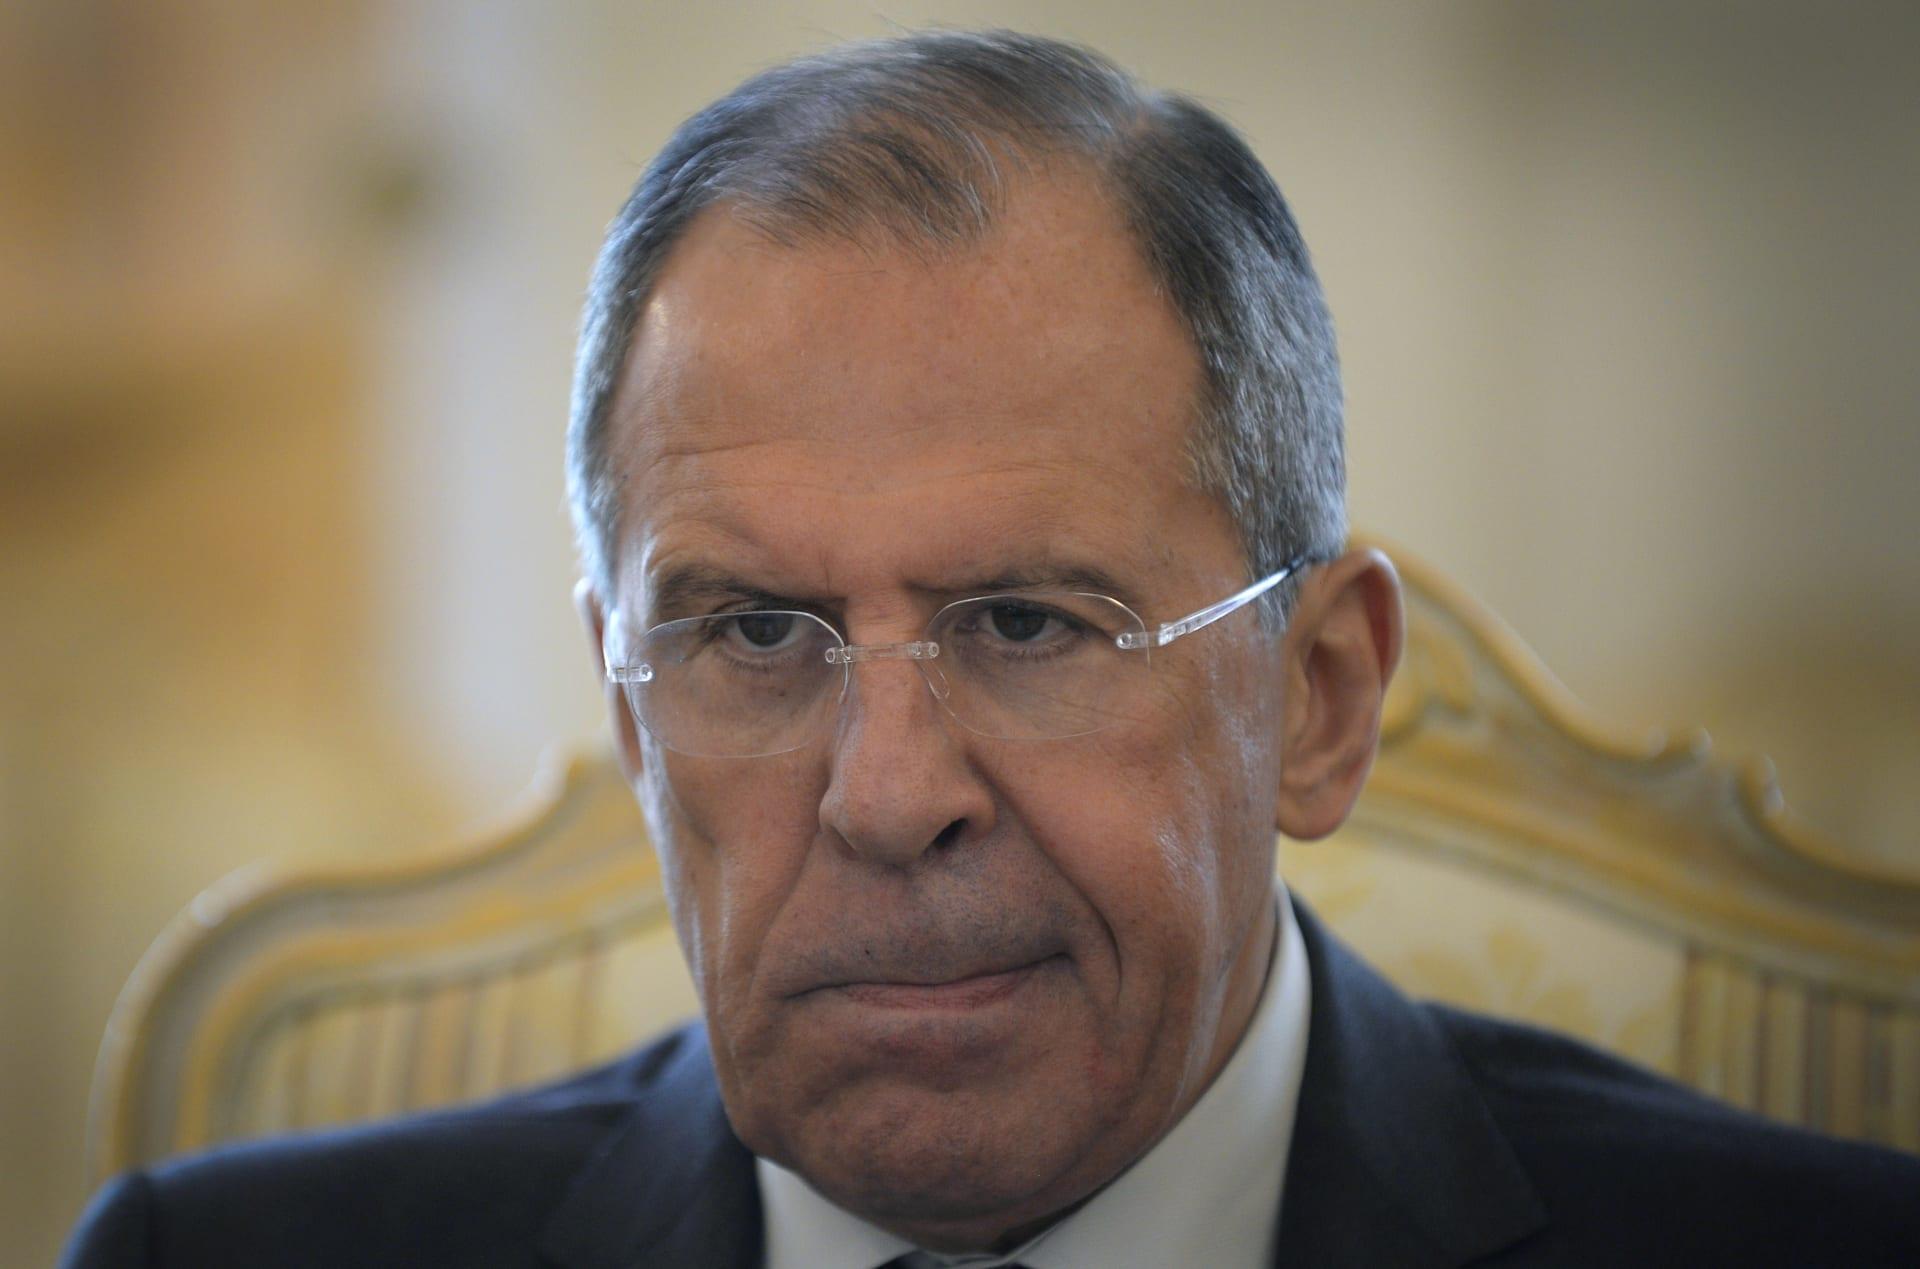 الدفاع الروسية تتهم واشنطن بقصف حلب.. وتؤكد: لن نخفي هذه المعلومات بعد الآن